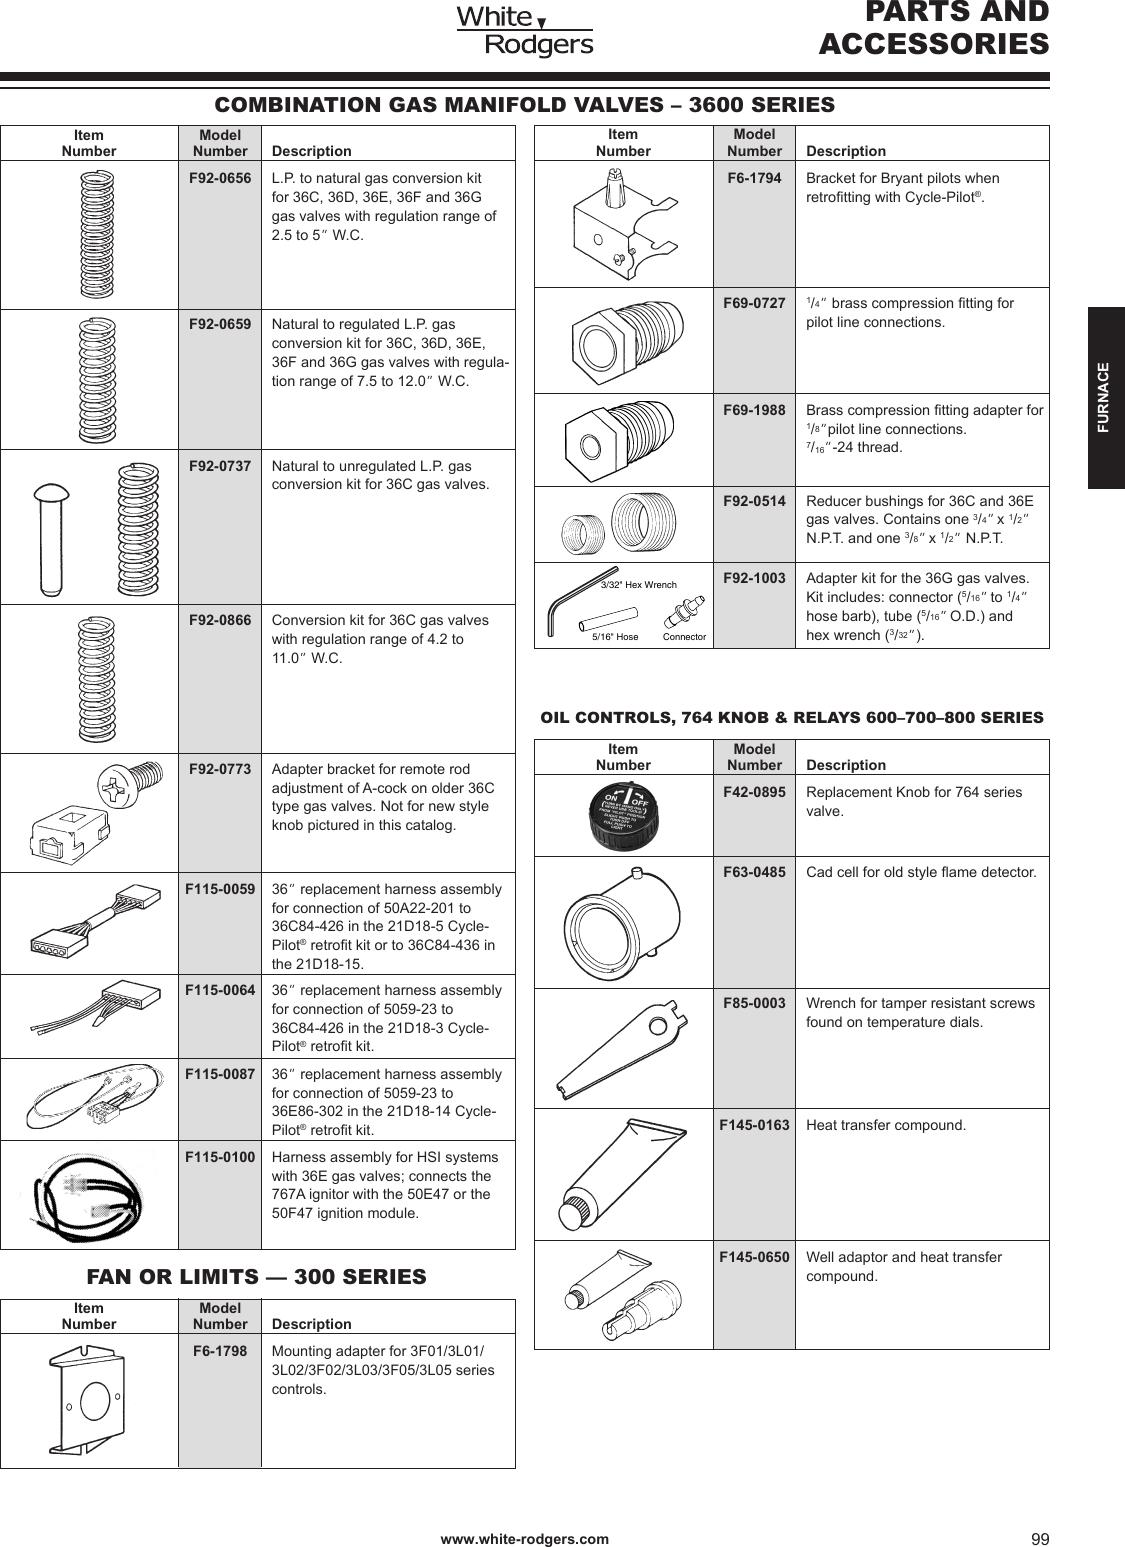 White Rodgers Gas Valve Wiring Diagram 36e. . Wiring Diagram on